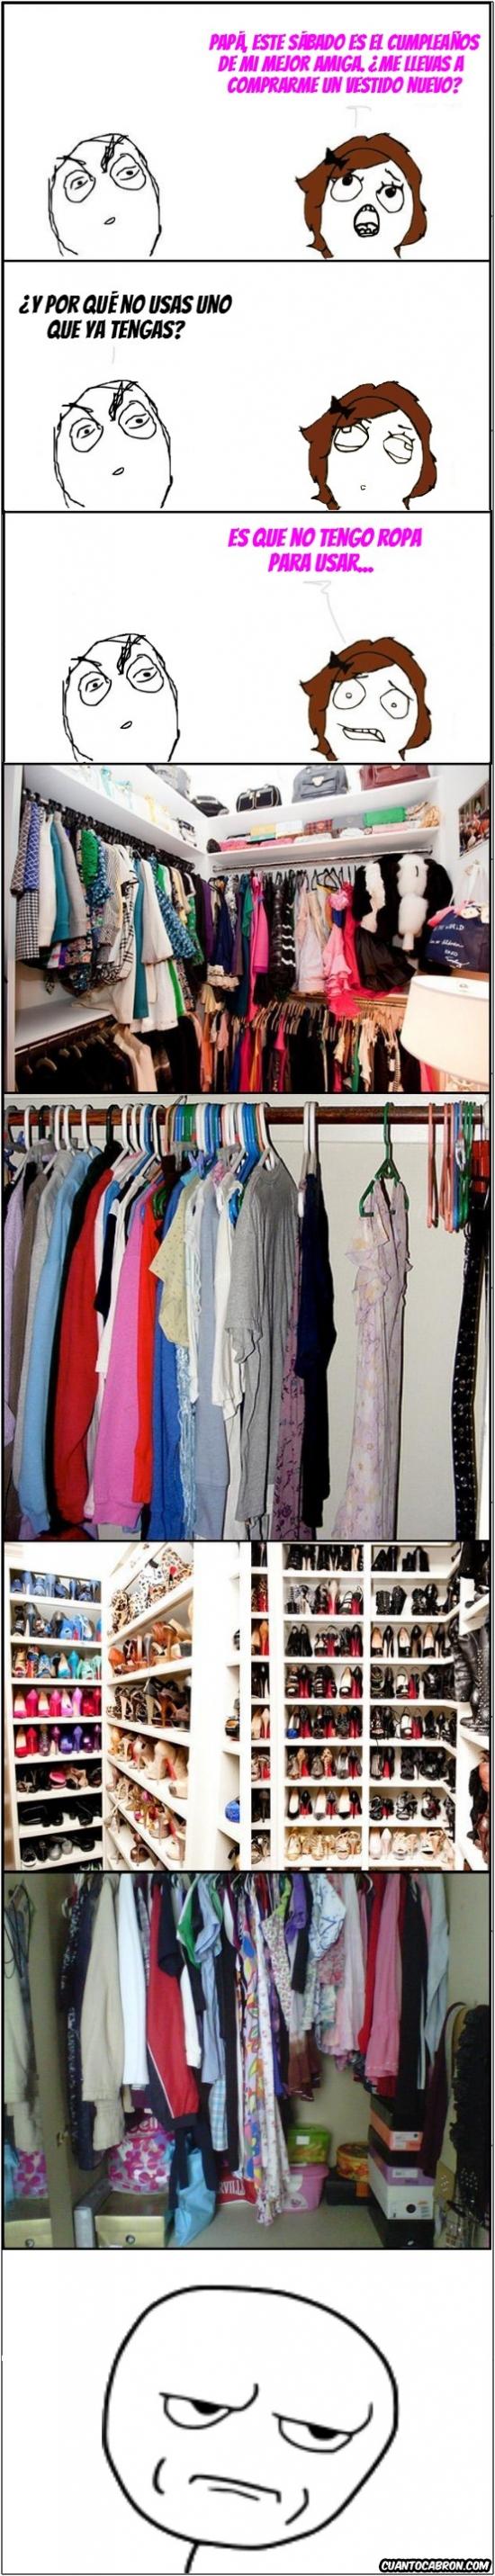 Kidding_me - No tengo ropa para usar